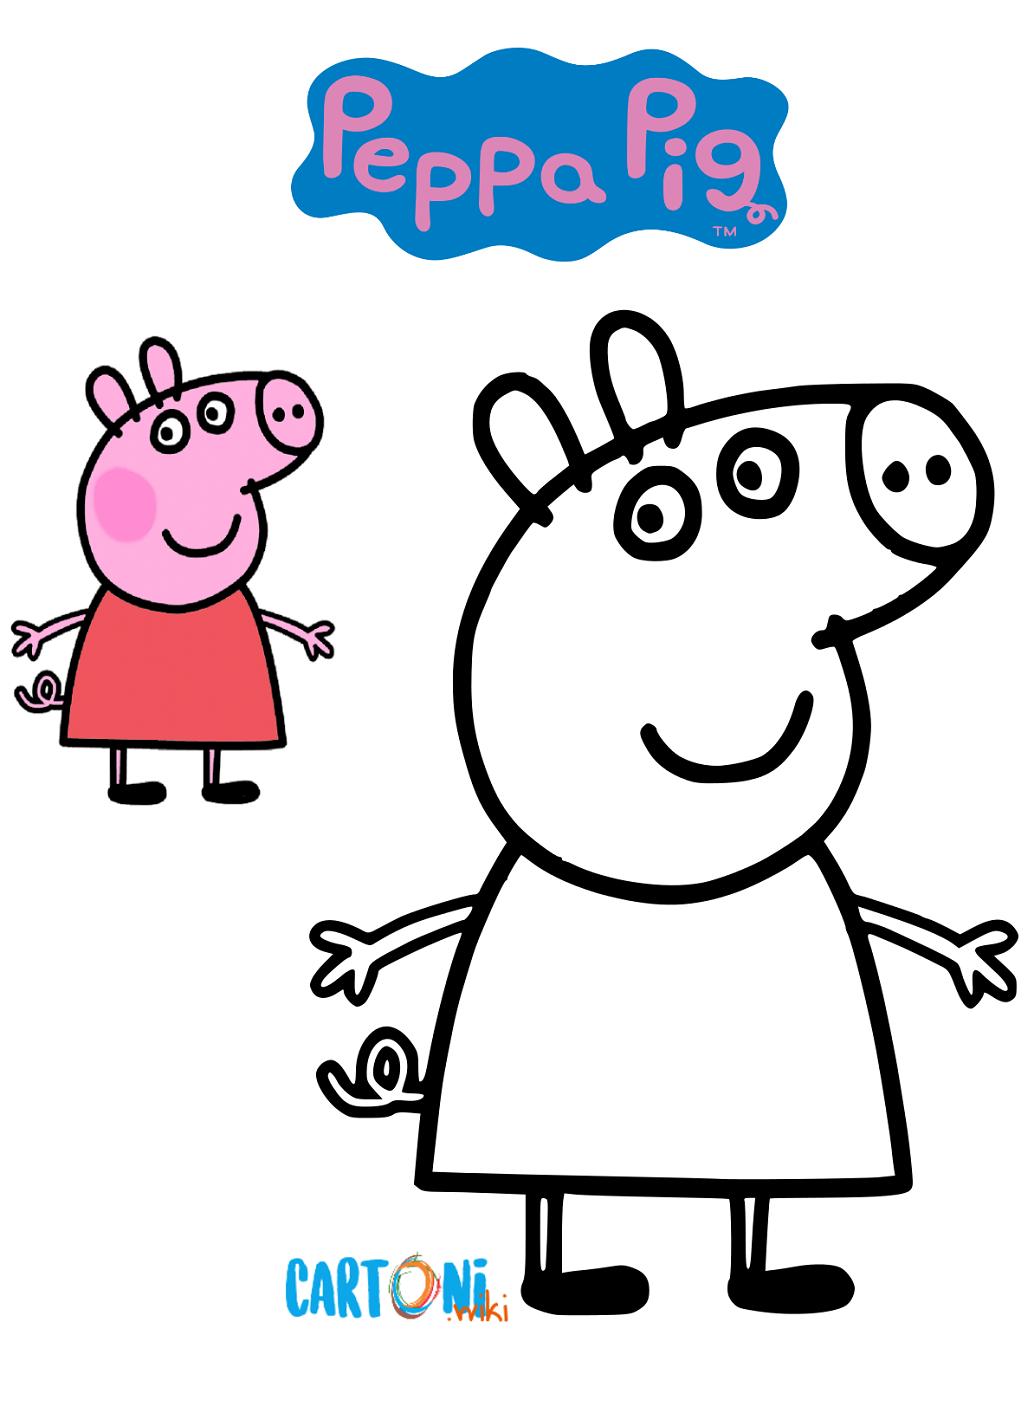 Disegno Di Peppa Pig Da Colorare.Peppa Pig Disegni Da Colorare Cartoni Animati